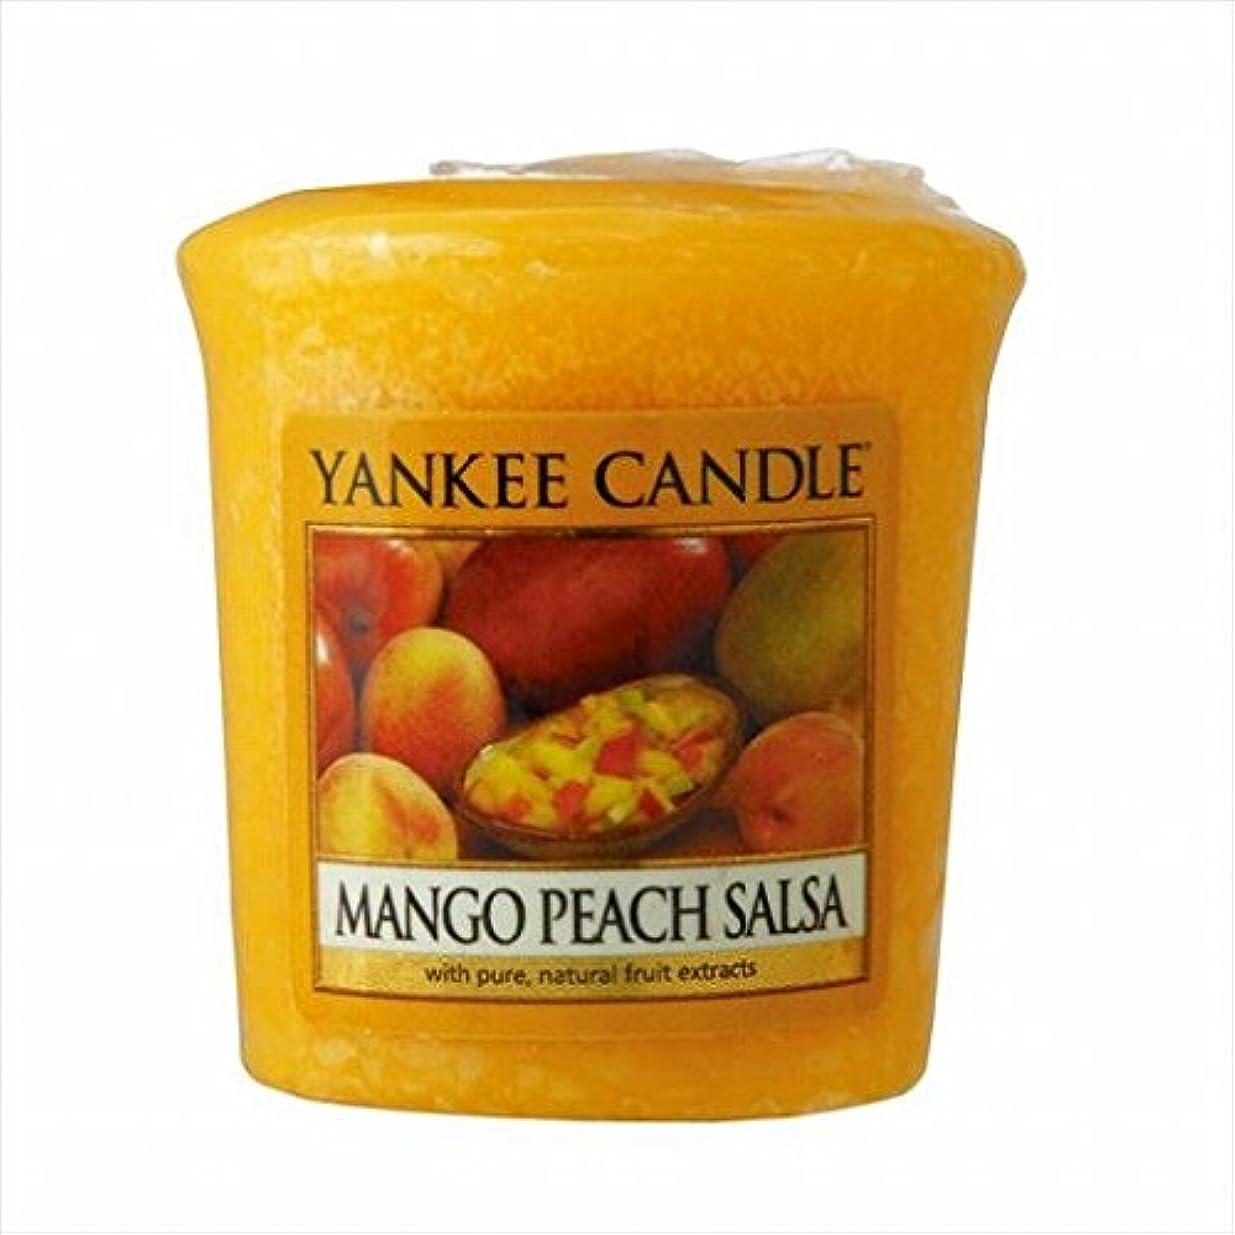 聖歌定期的な生きるカメヤマキャンドル(kameyama candle) YANKEE CANDLE サンプラー 「 マンゴーピーチサルサ 」